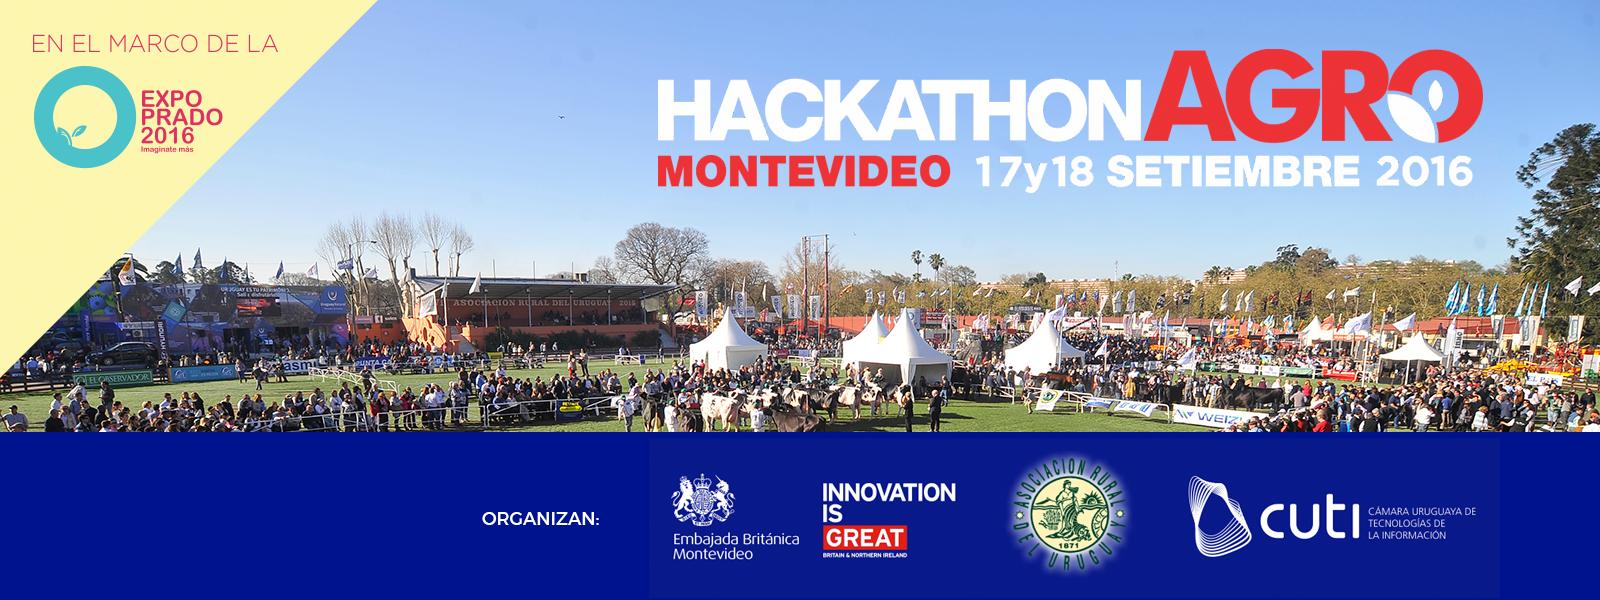 HackathonAGRO 2016